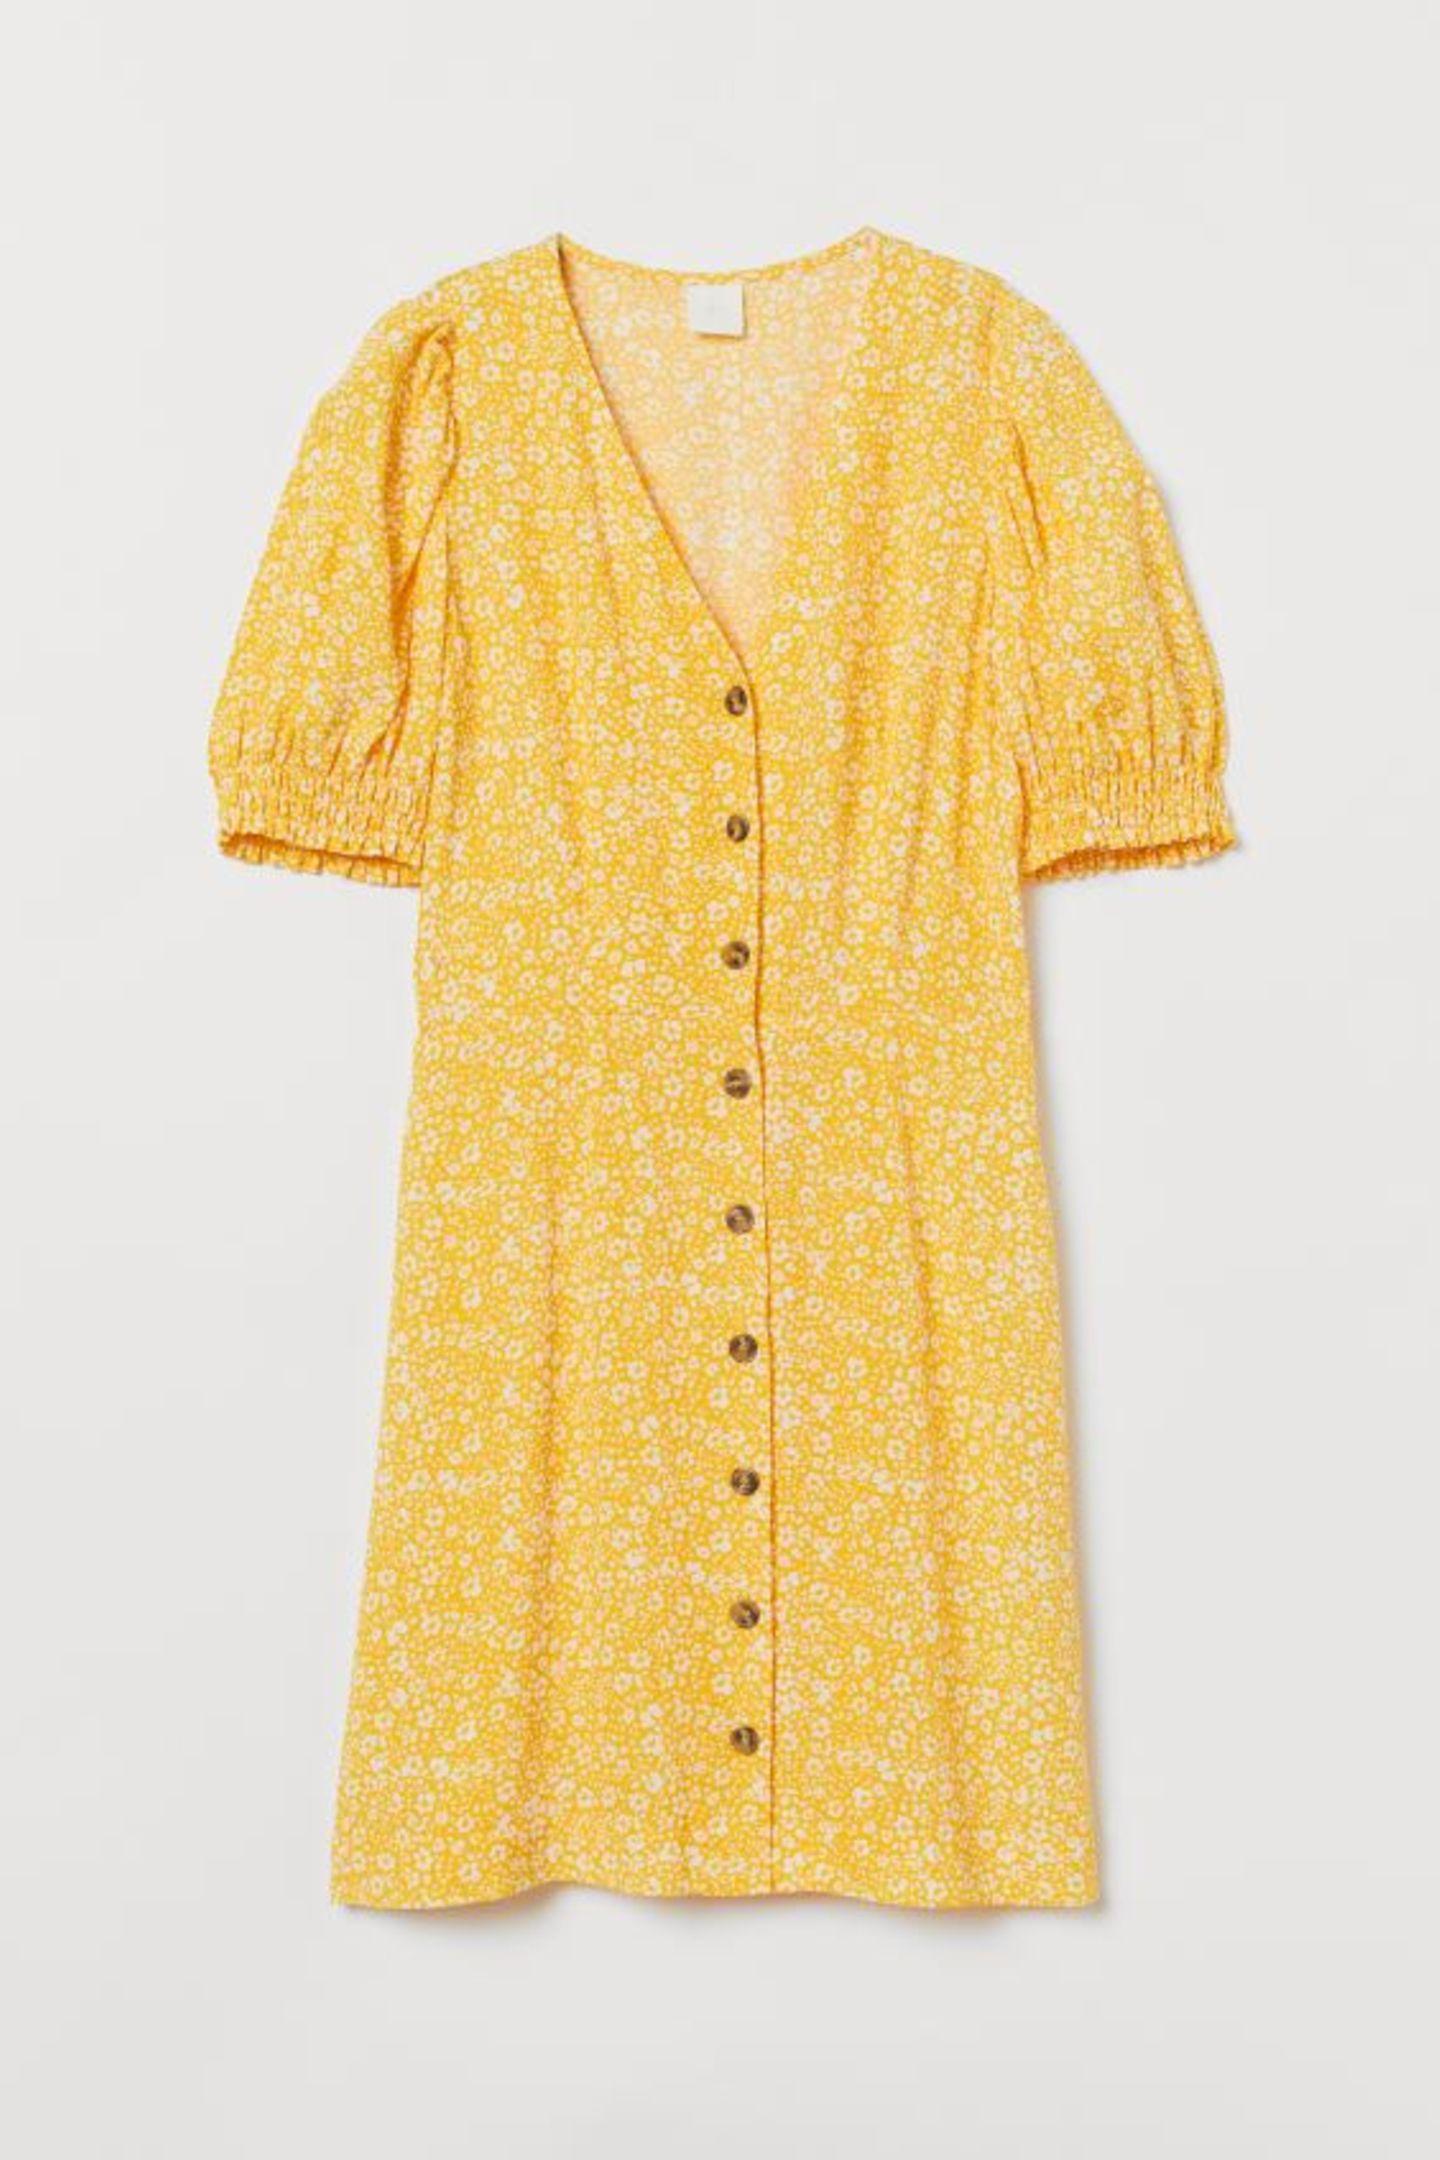 Wir sind bereits ganz vorne im Puffärmel-Game dabei – du auch? Falls nein, besteht definitiv Aufholbedarf. Dieses süße Kleidchen ist das perfekte Einsteigermodell. Von H&M, um 20 Euro.